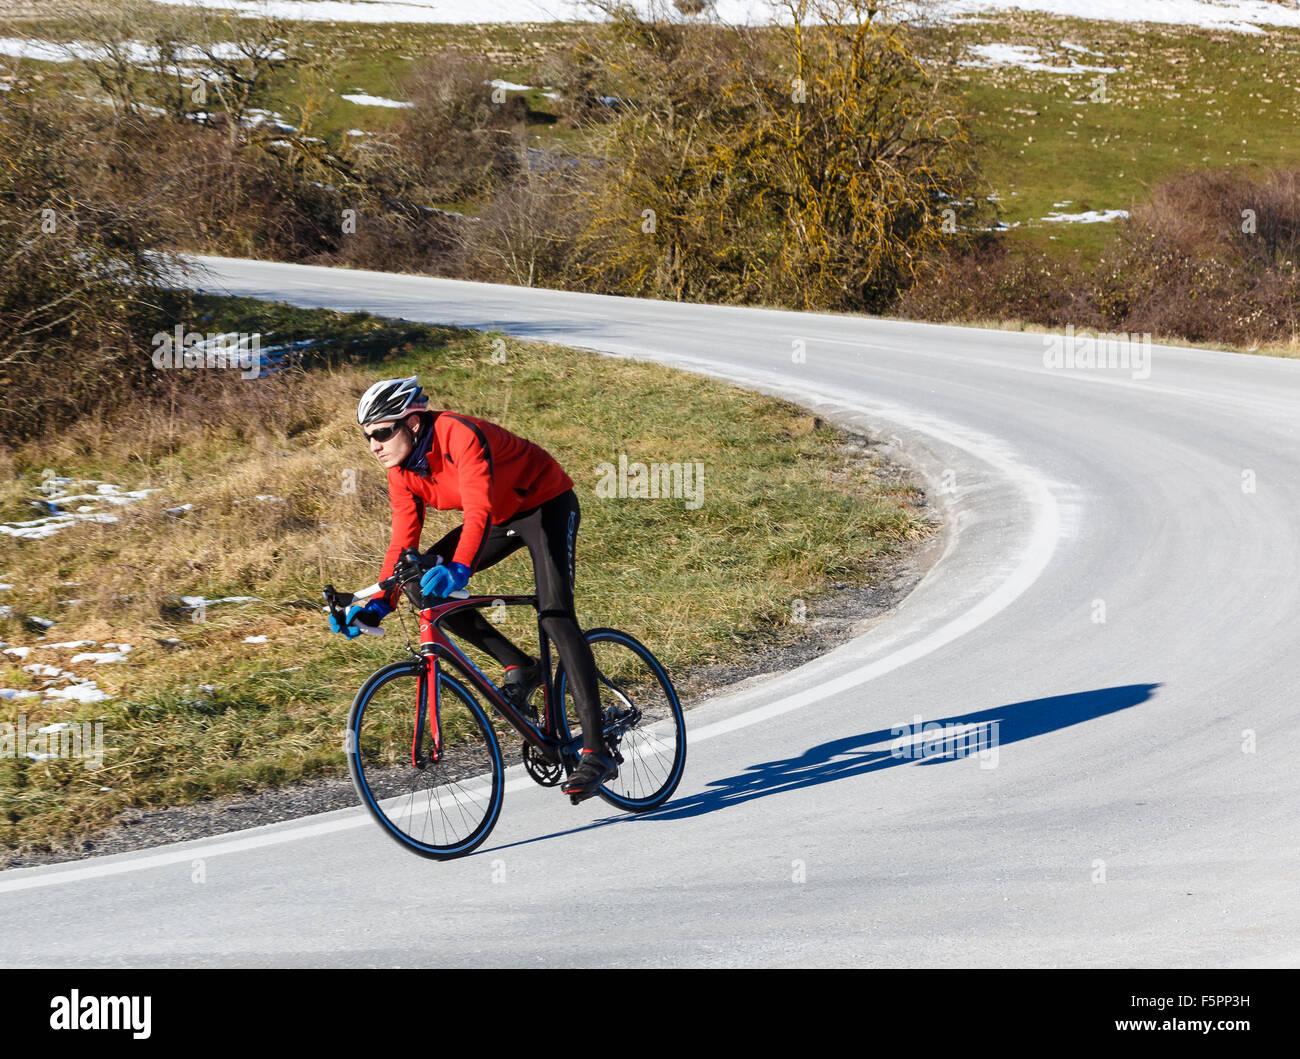 Ciclista su strada. Lizarraga pass. Navarra, Spagna, Europa. Immagini Stock